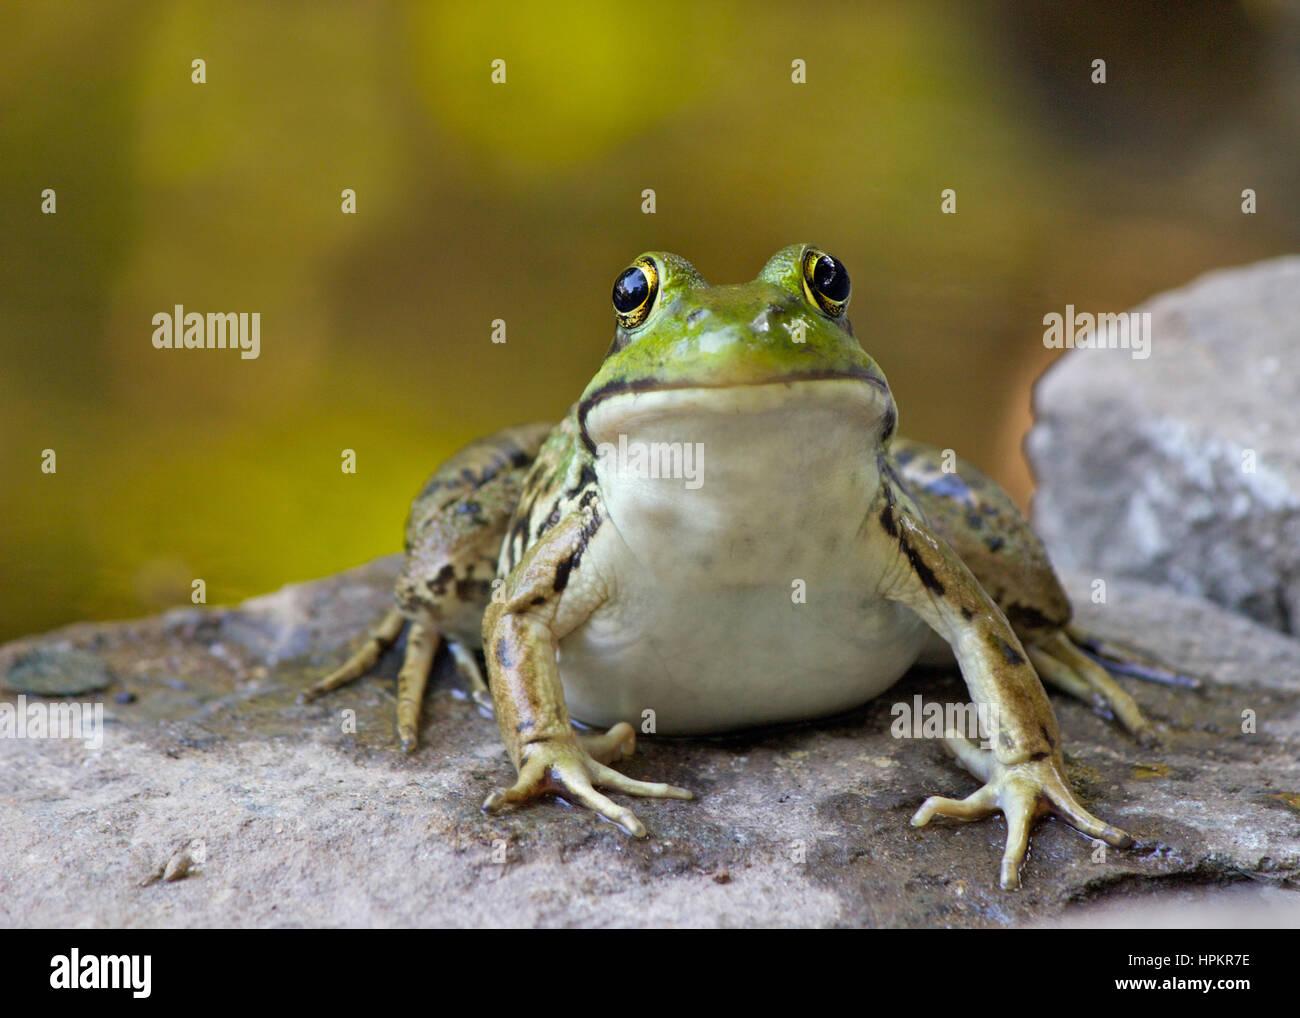 Une grenouille verte (Rana clamitans) assis par un étang Banque D'Images